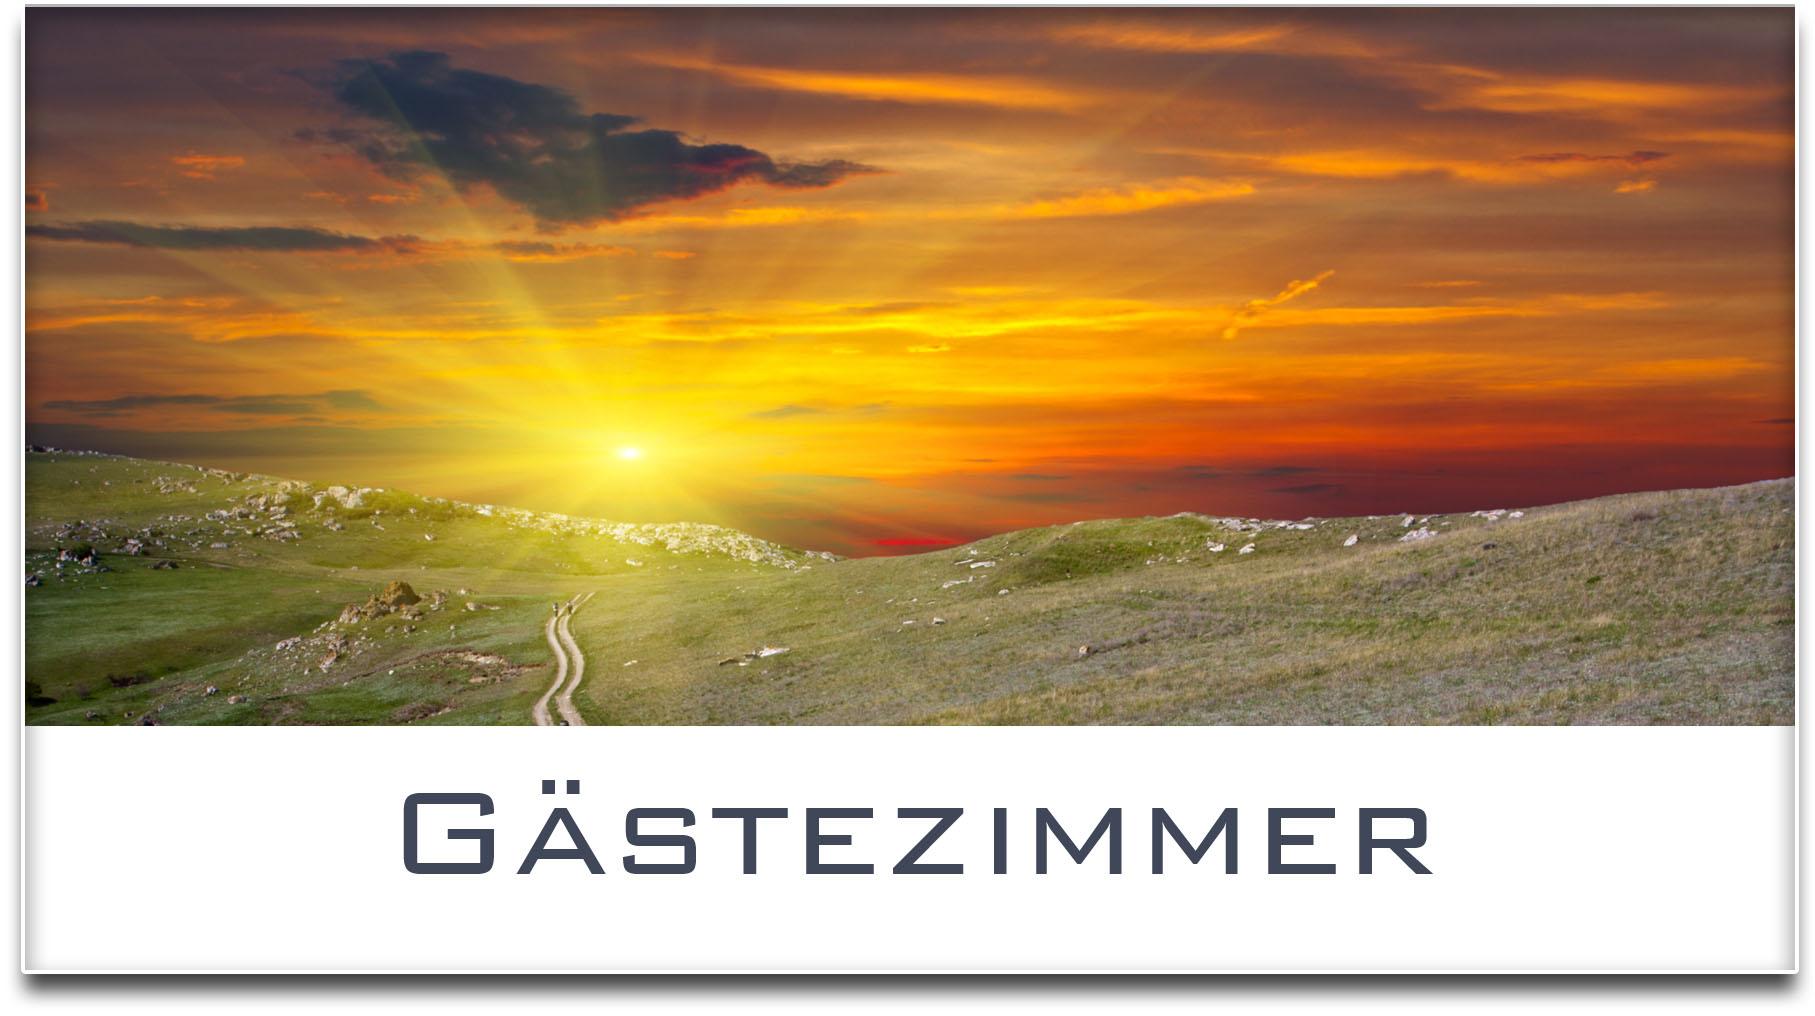 Türschild / Haustürschild / Sonnenuntergang / Gästezimmer / Selbstklebend